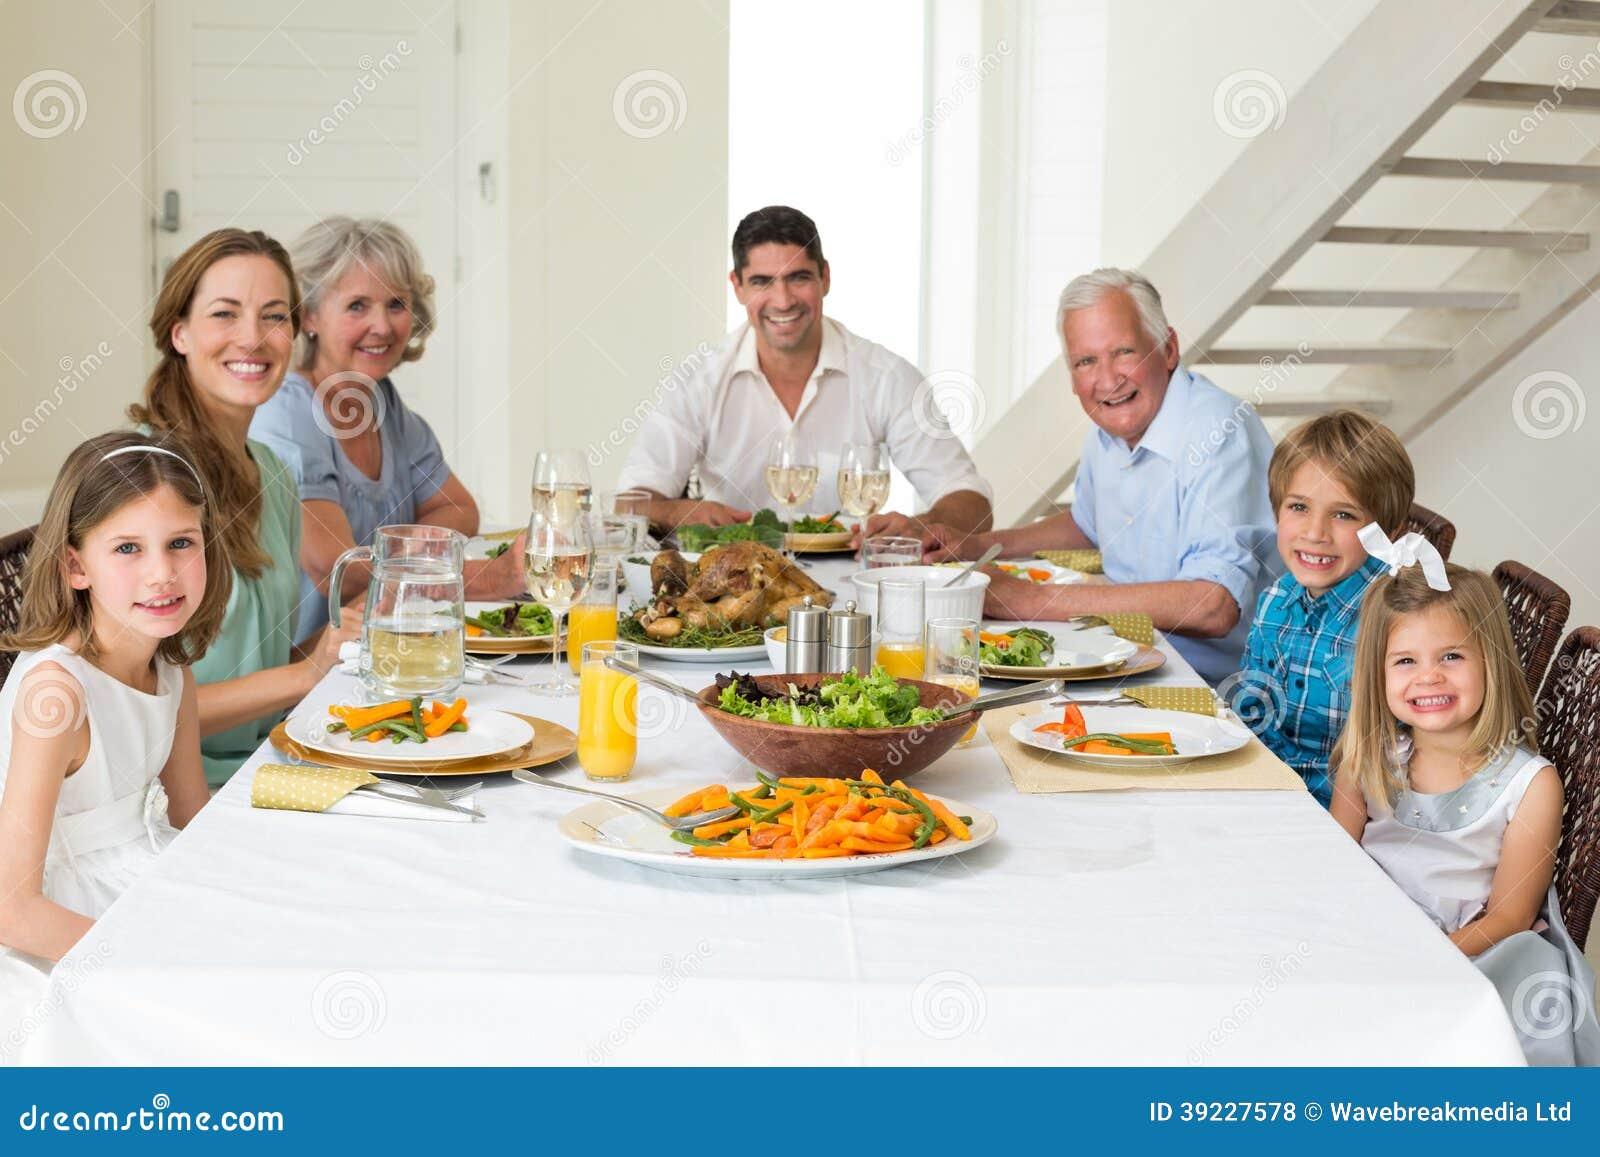 Familia que tiene comida junto en la mesa de comedor foto - El comedor de familia ...